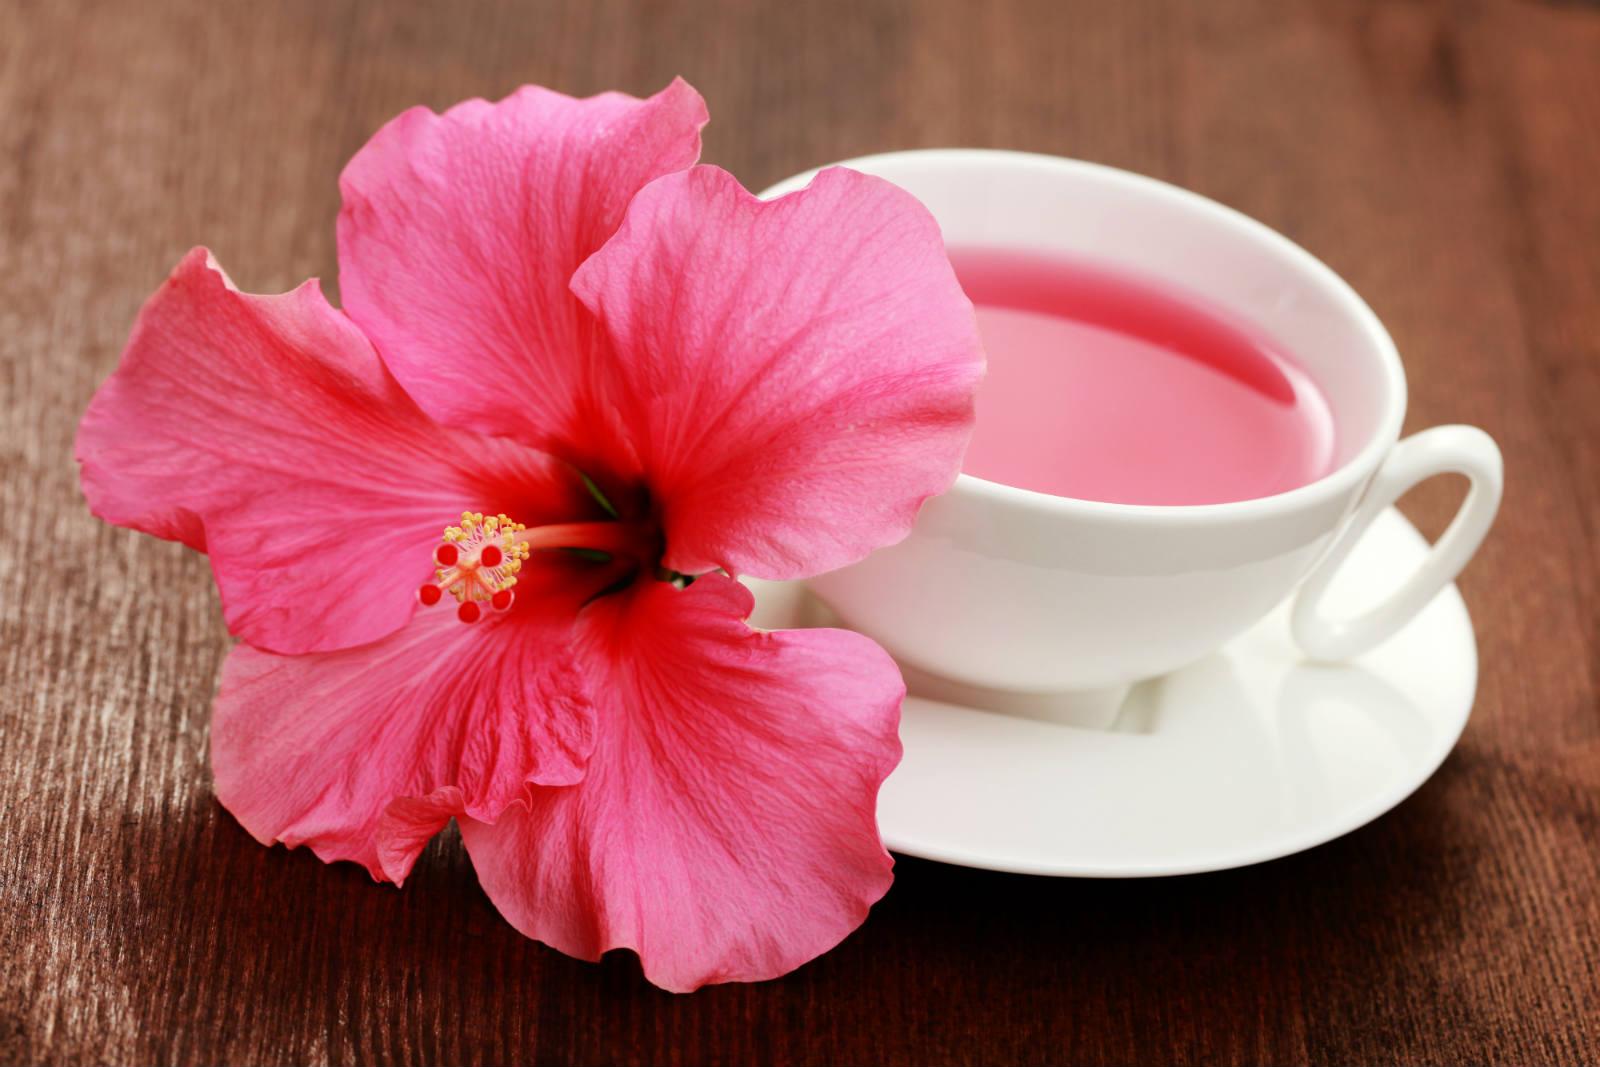 Health benefits of drinking hibiscus tea 1mhealthtips hibiscustea izmirmasajfo